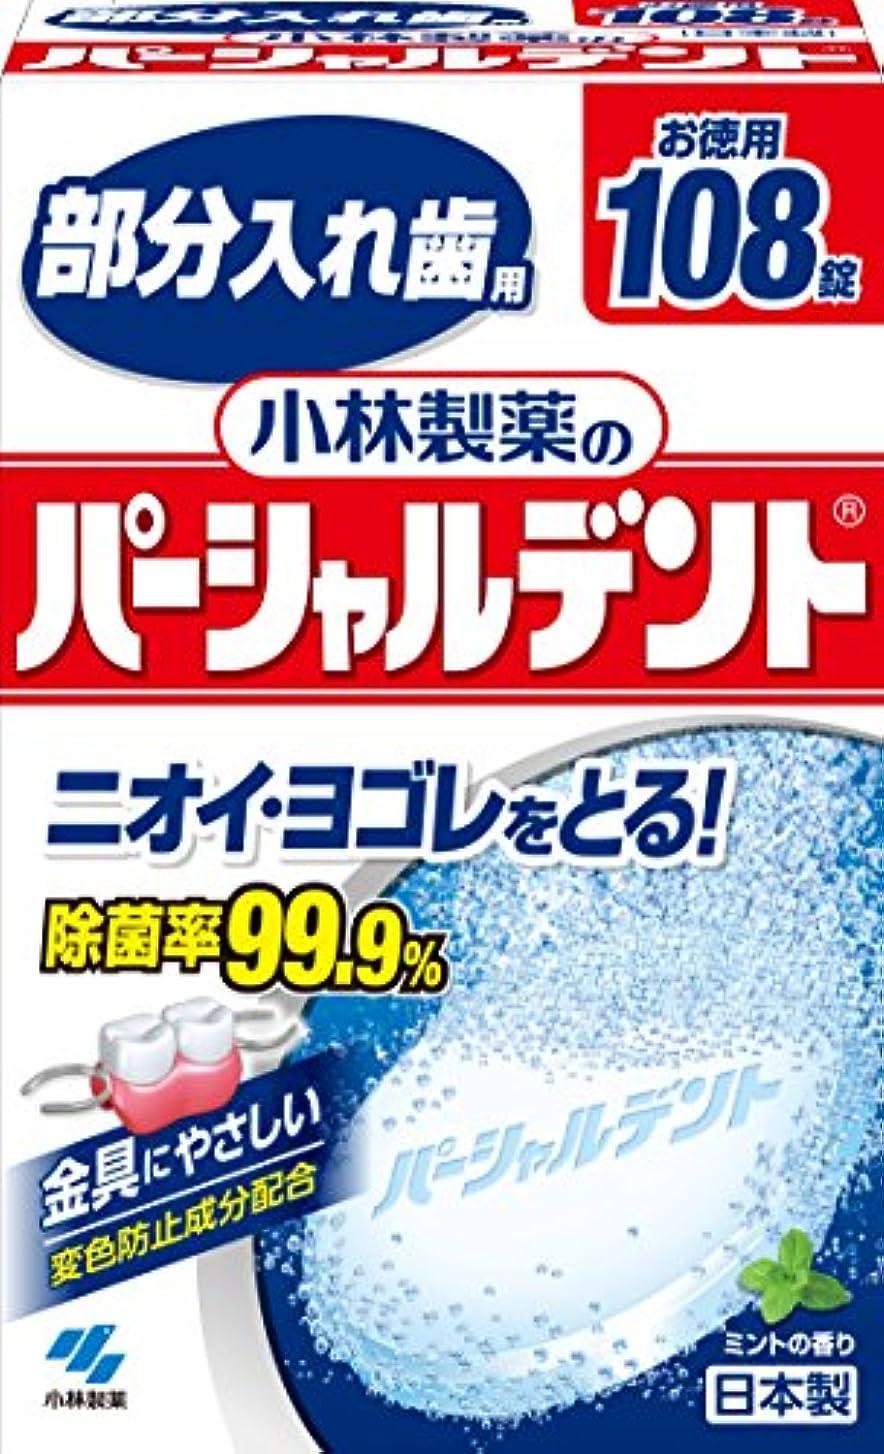 北極圏実質的にいとこ小林製薬のパーシャルデント 部分入れ歯用 洗浄剤 ミントの香 108錠